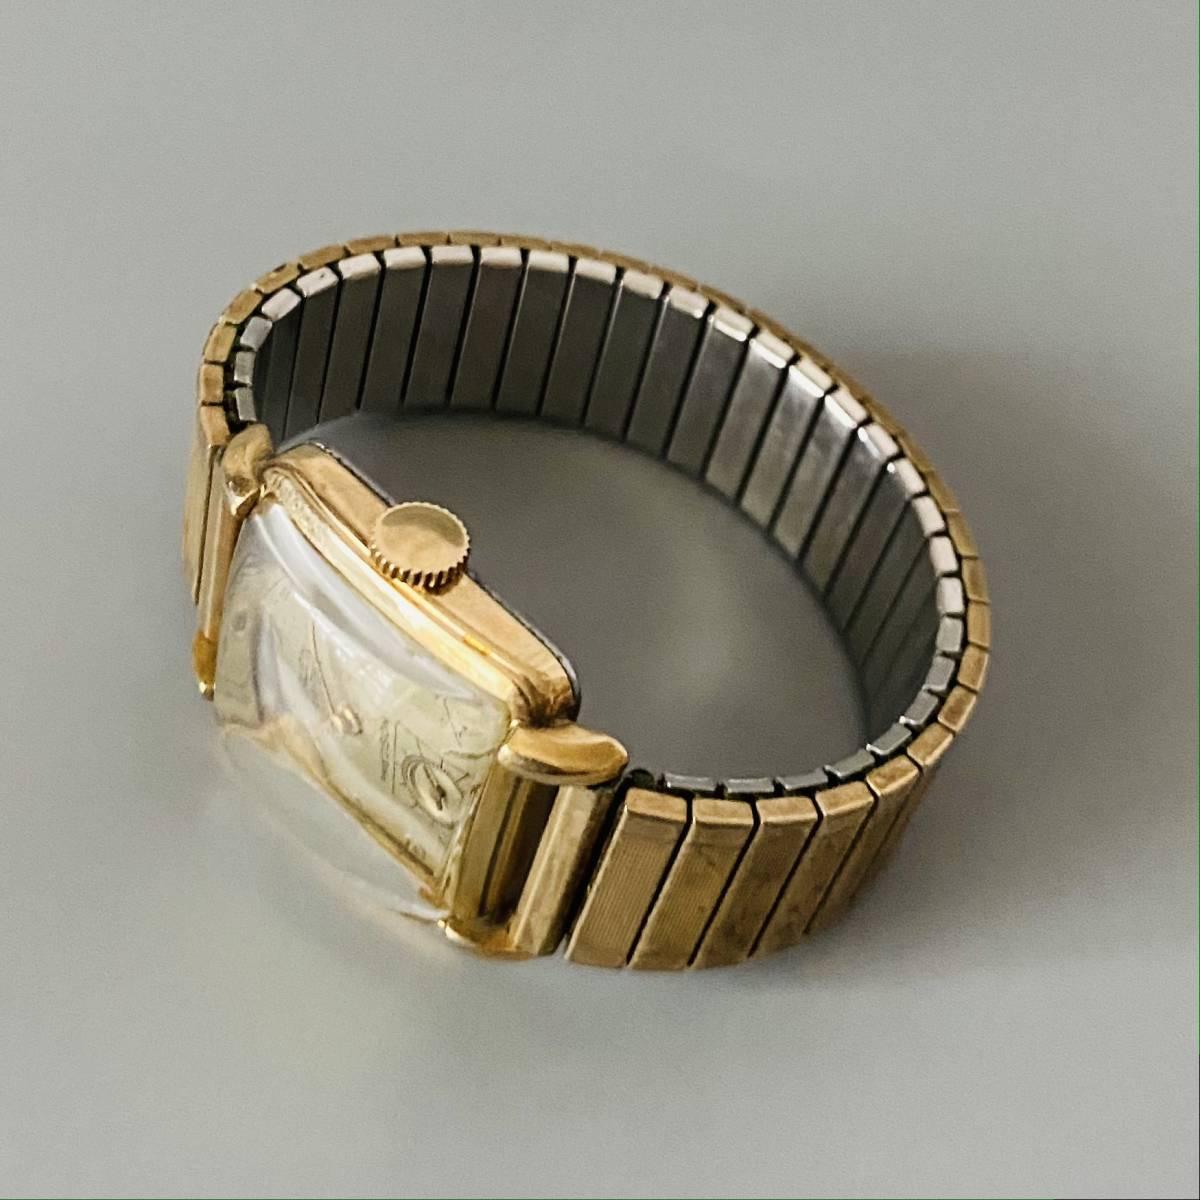 【アンティーク グリュエン】Gruen veri-thin 1940年代 スモセコ cal 425 17石 手巻き メンズ レディース ビンテージ 腕時計 スイス 訳あり_画像6